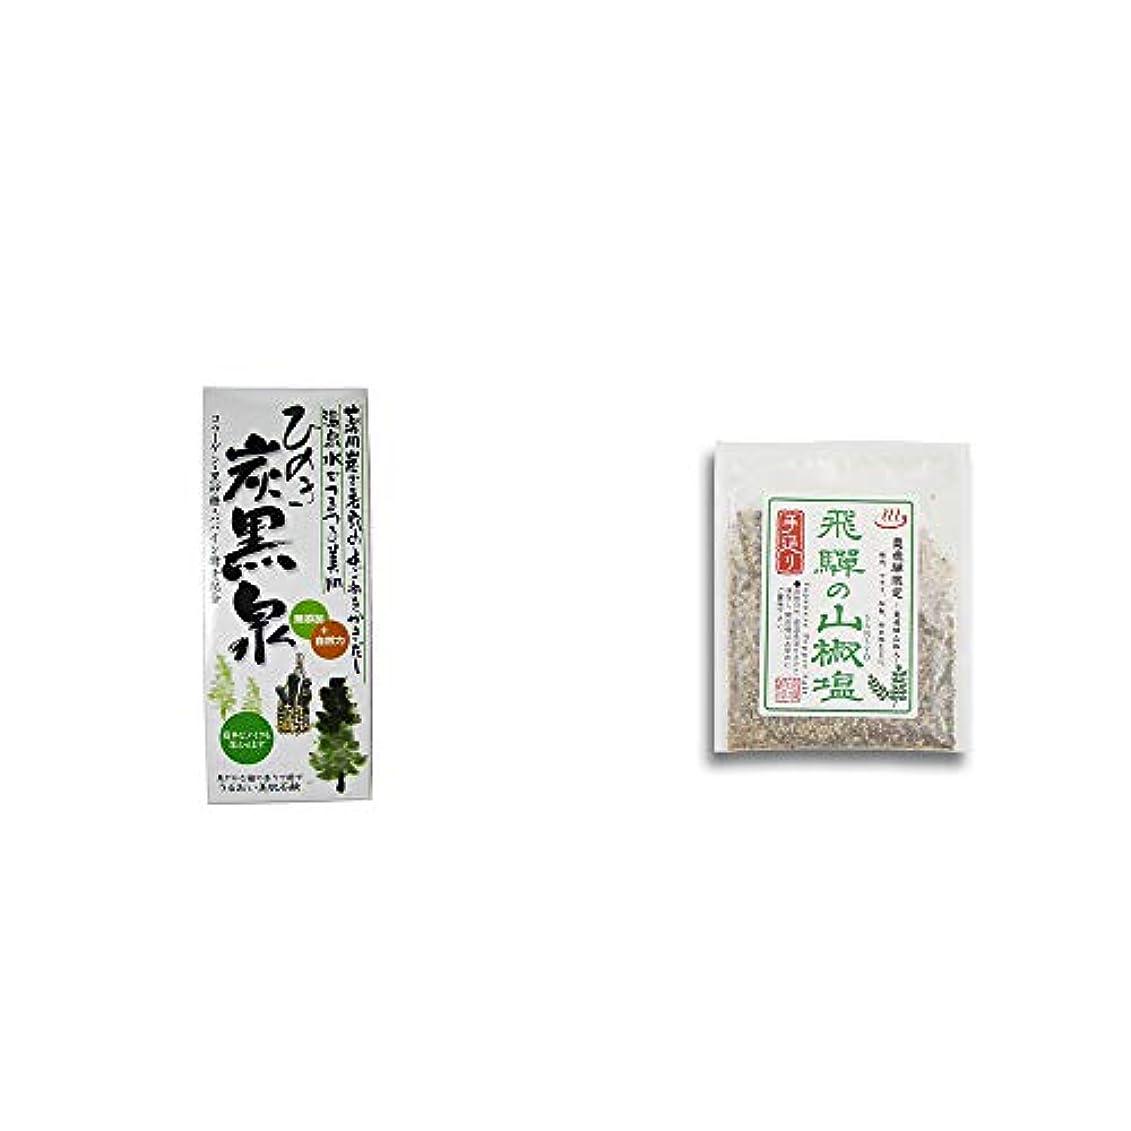 ドループ植物学浅い[2点セット] ひのき炭黒泉 箱入り(75g×3)?手造り 飛騨の山椒塩(40g)